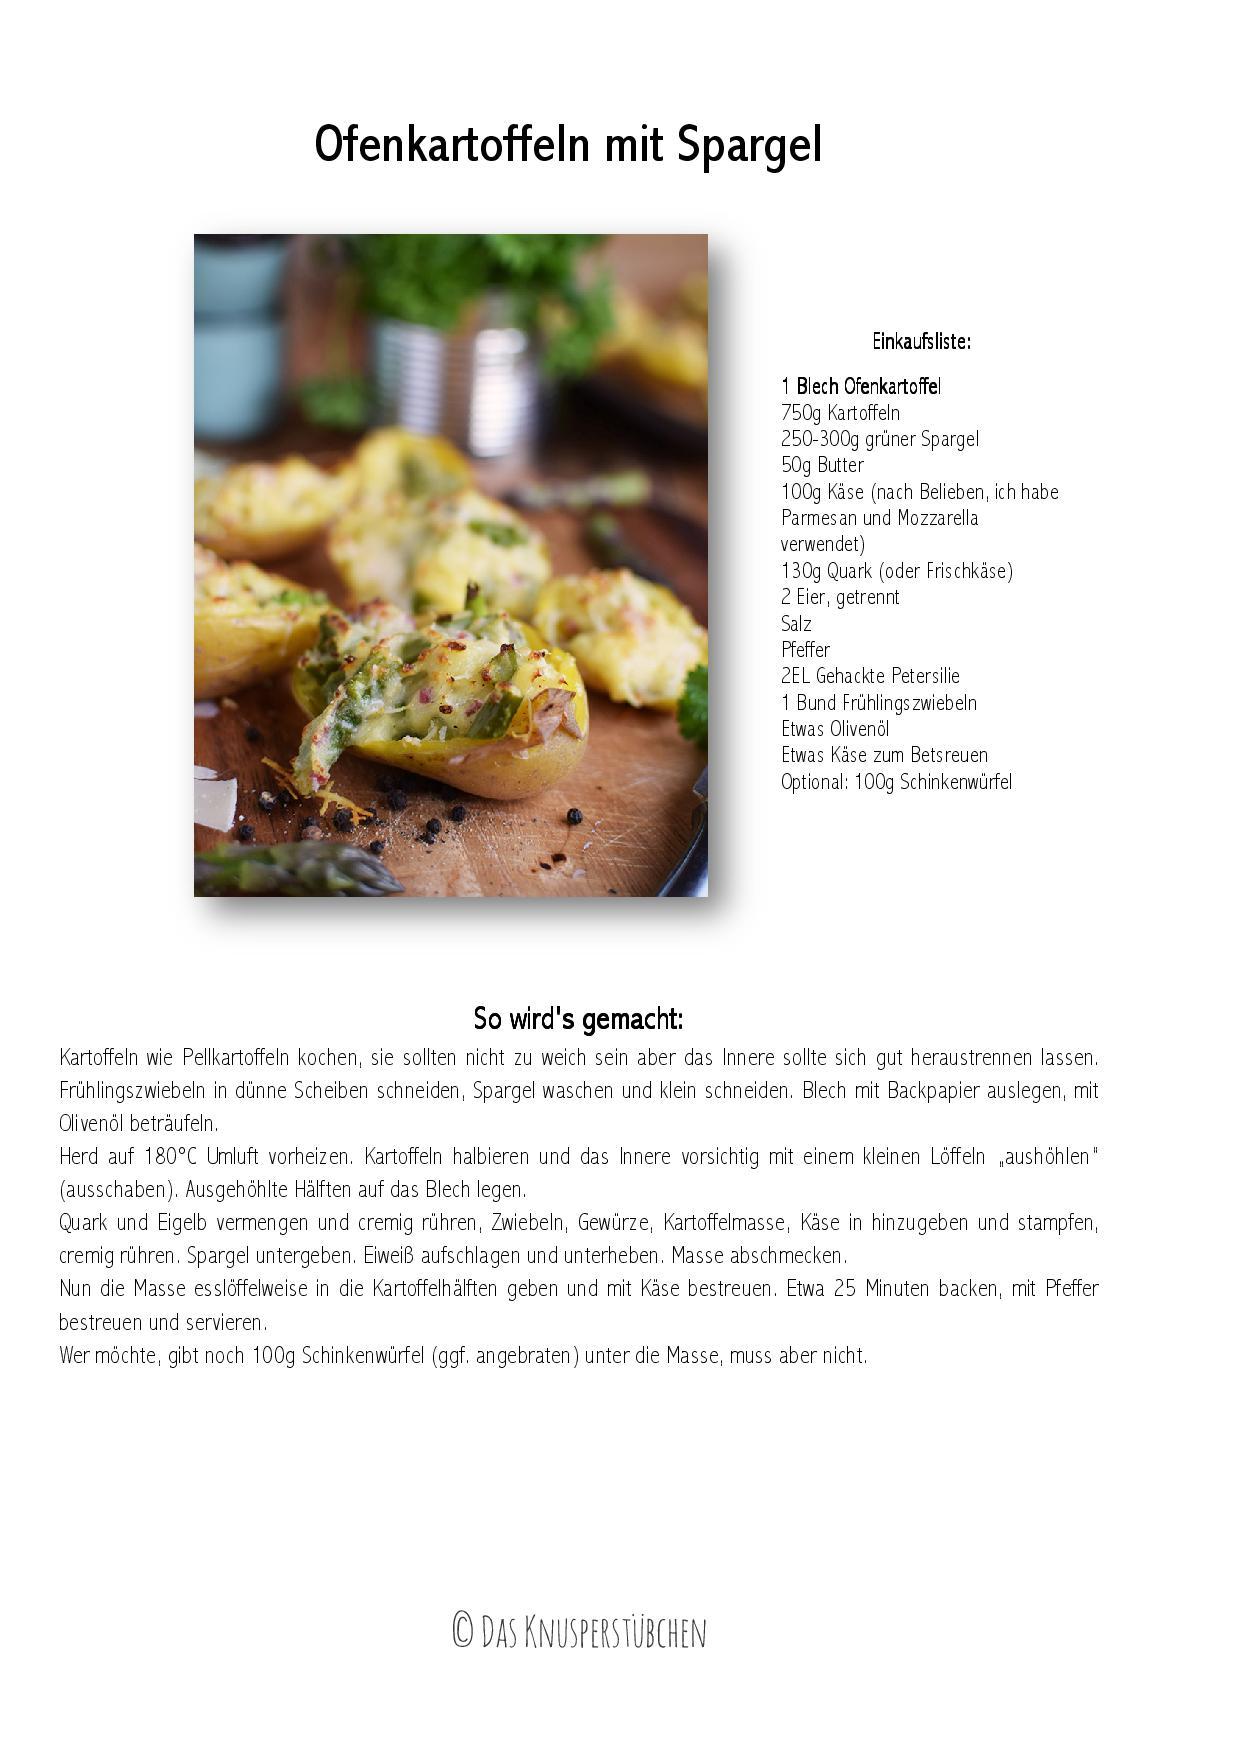 Spargel Ofenkartoffeln-001